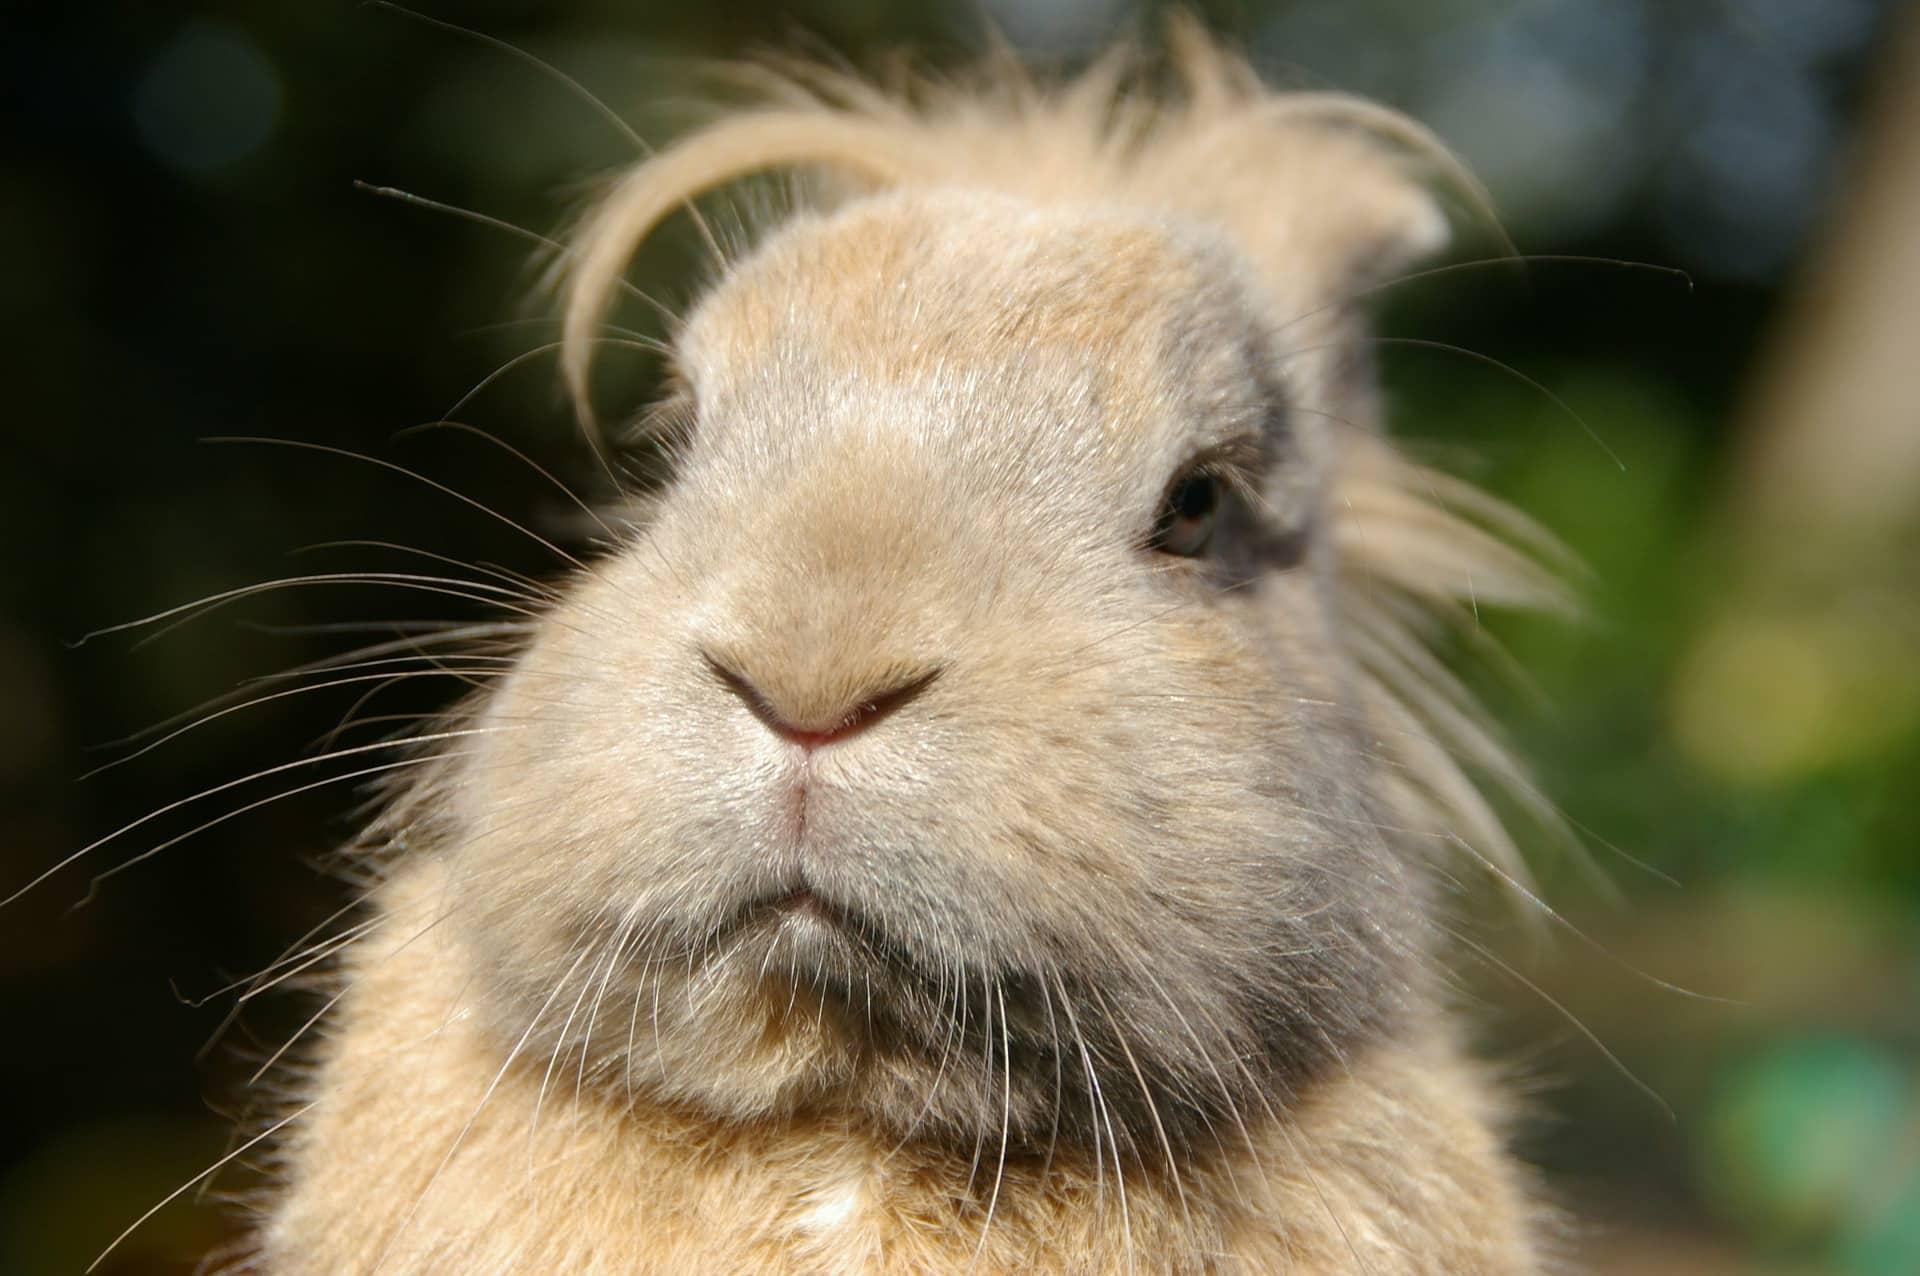 mi conejo no come heno